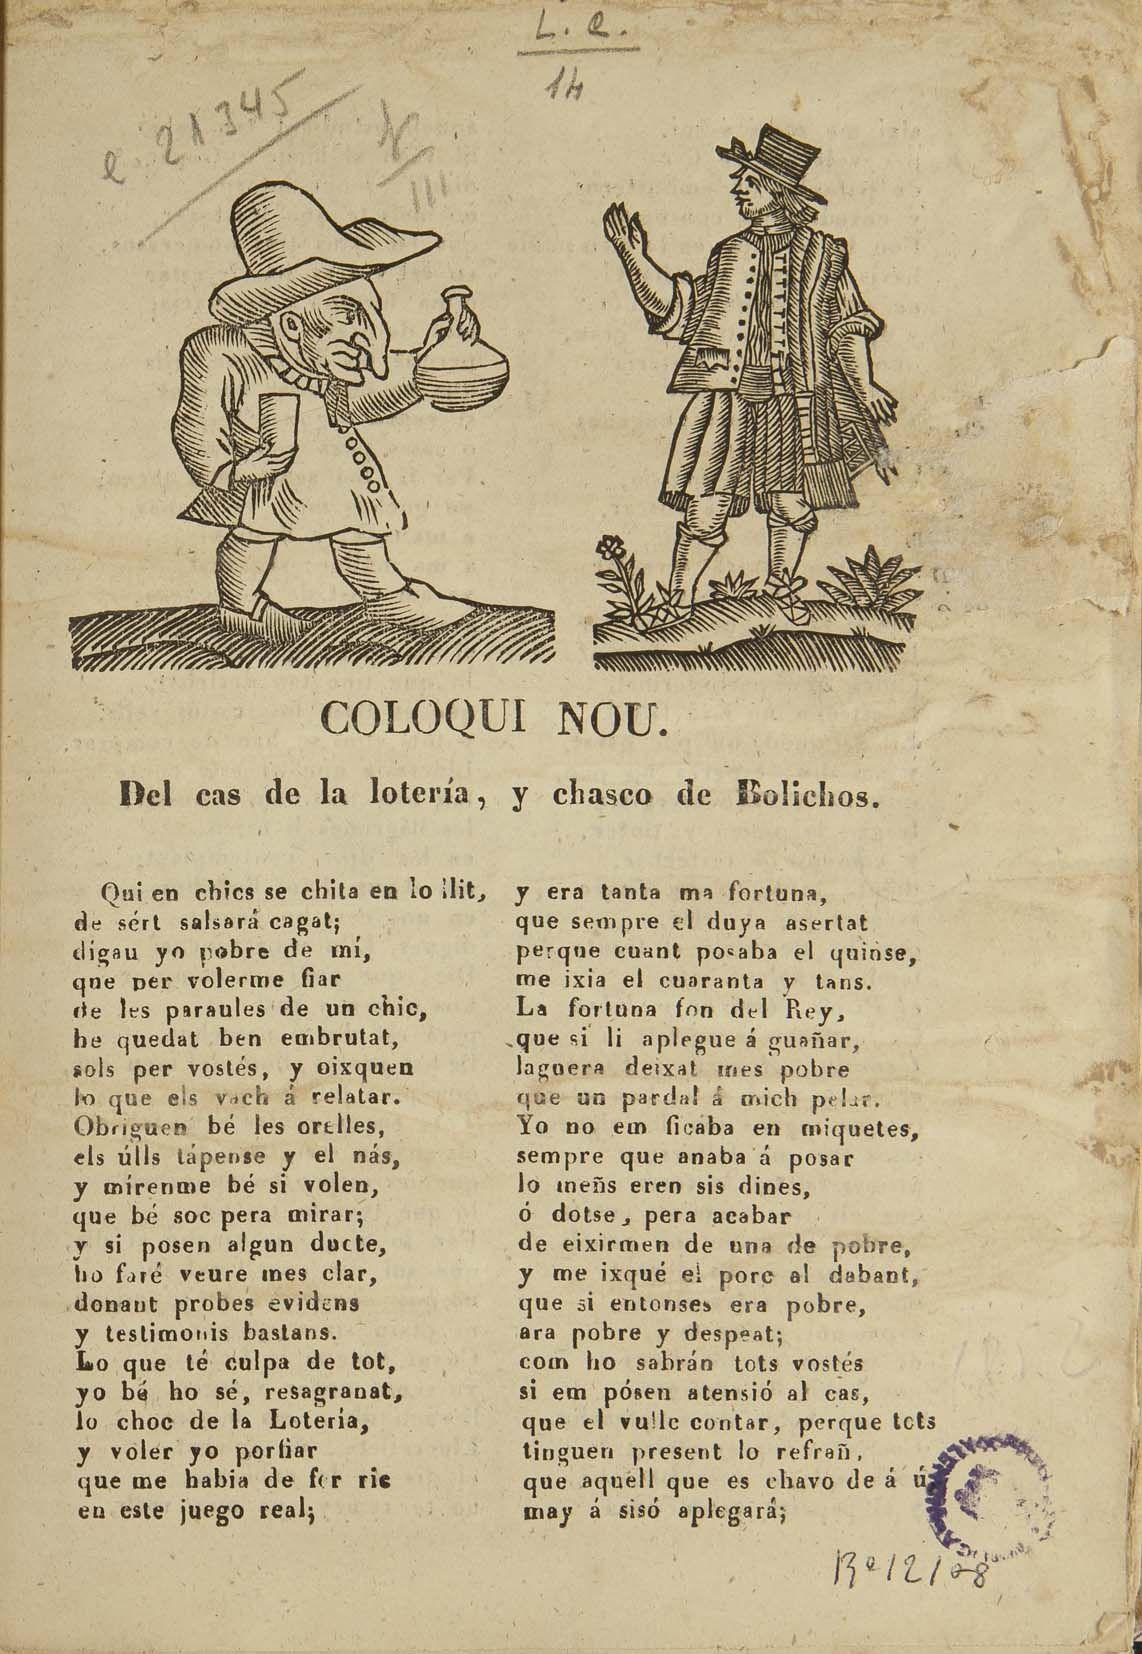 """""""Coloqui nou: Del cas de la loteria, y chasco de Bolichos"""". Imprenta y llibreria de Blay Bellver, 1852"""